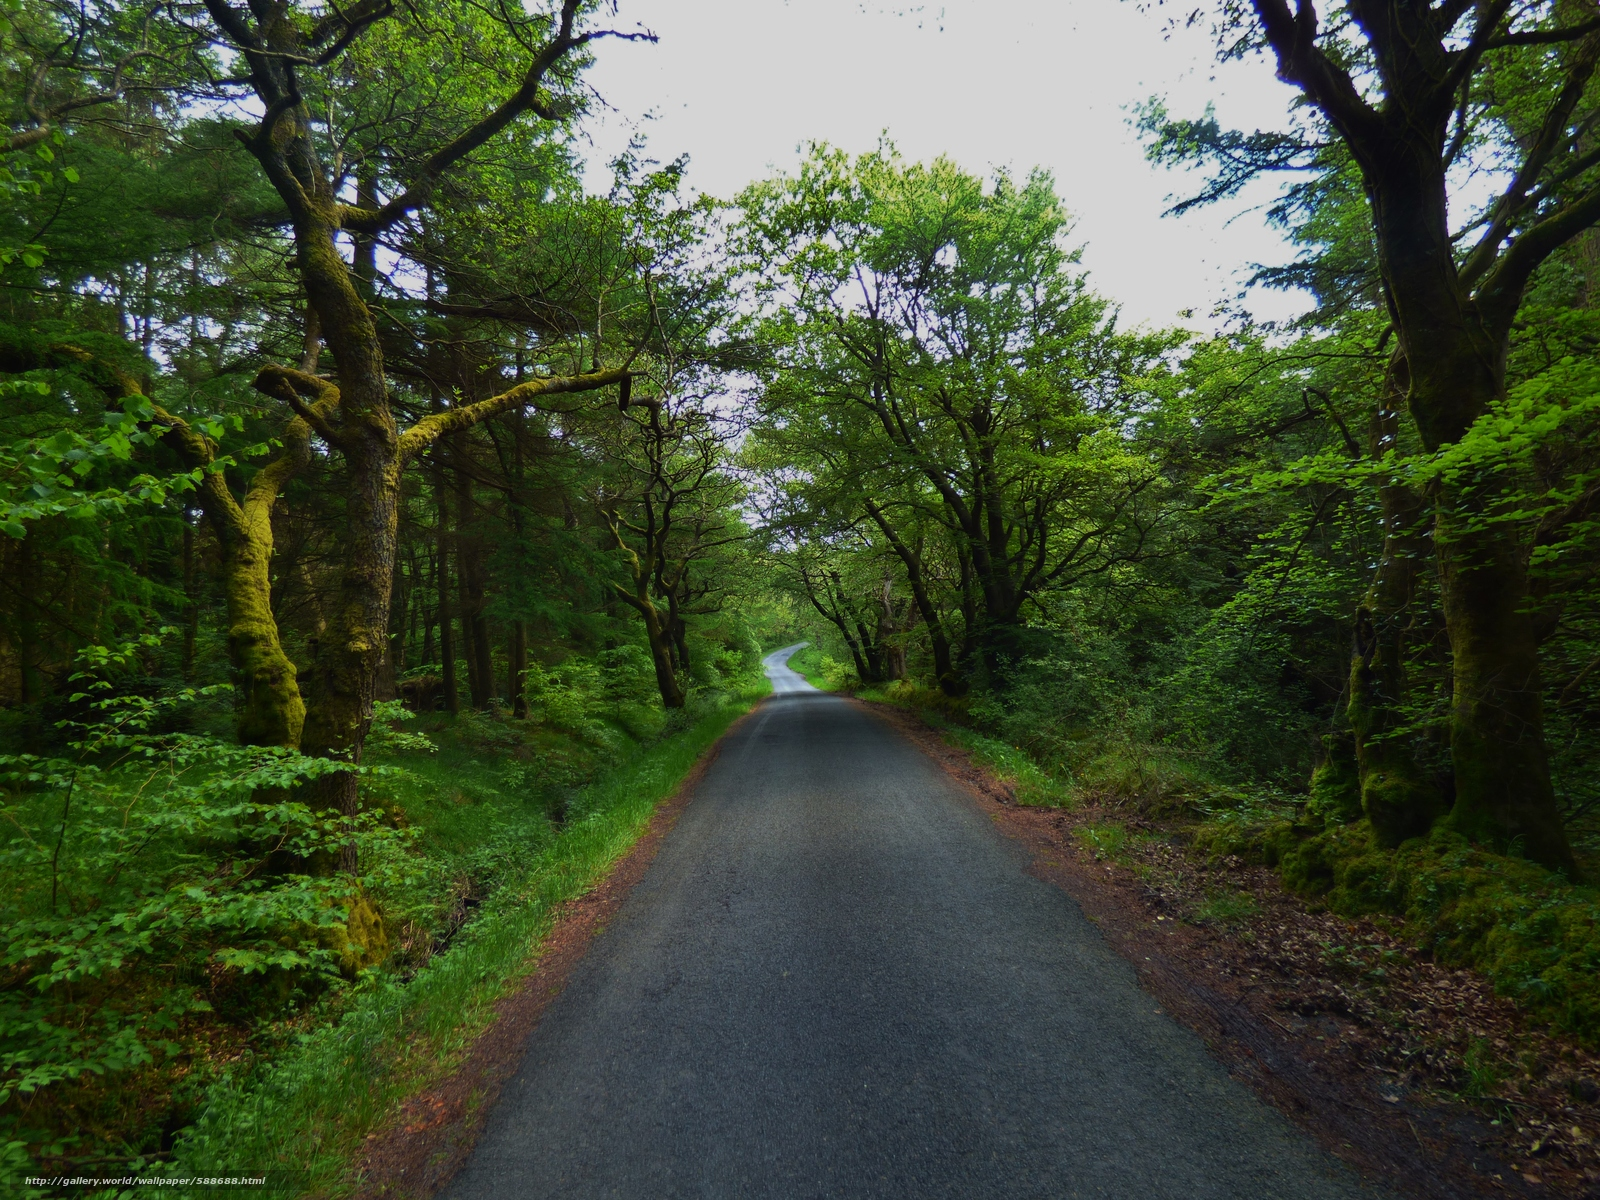 Tlcharger Fond d'ecran route,  forêt,  arbres,  paysage Fonds d'ecran gratuits pour votre rsolution du bureau 4608x3456 — image №588688